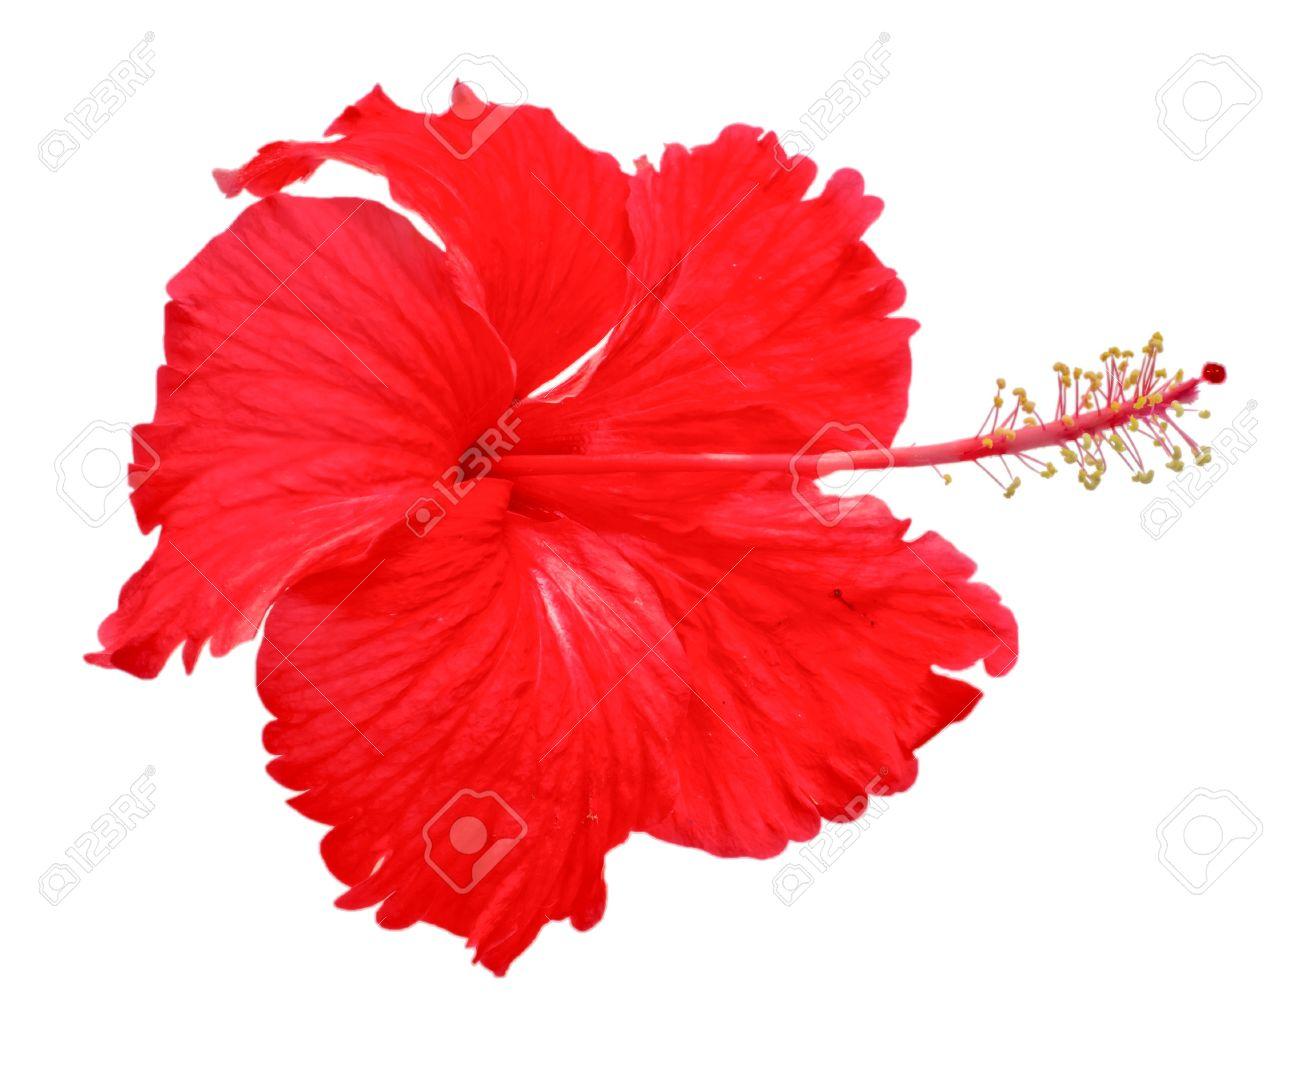 fleur d'hibiscus rouges sur un fond blanc banque d'images et